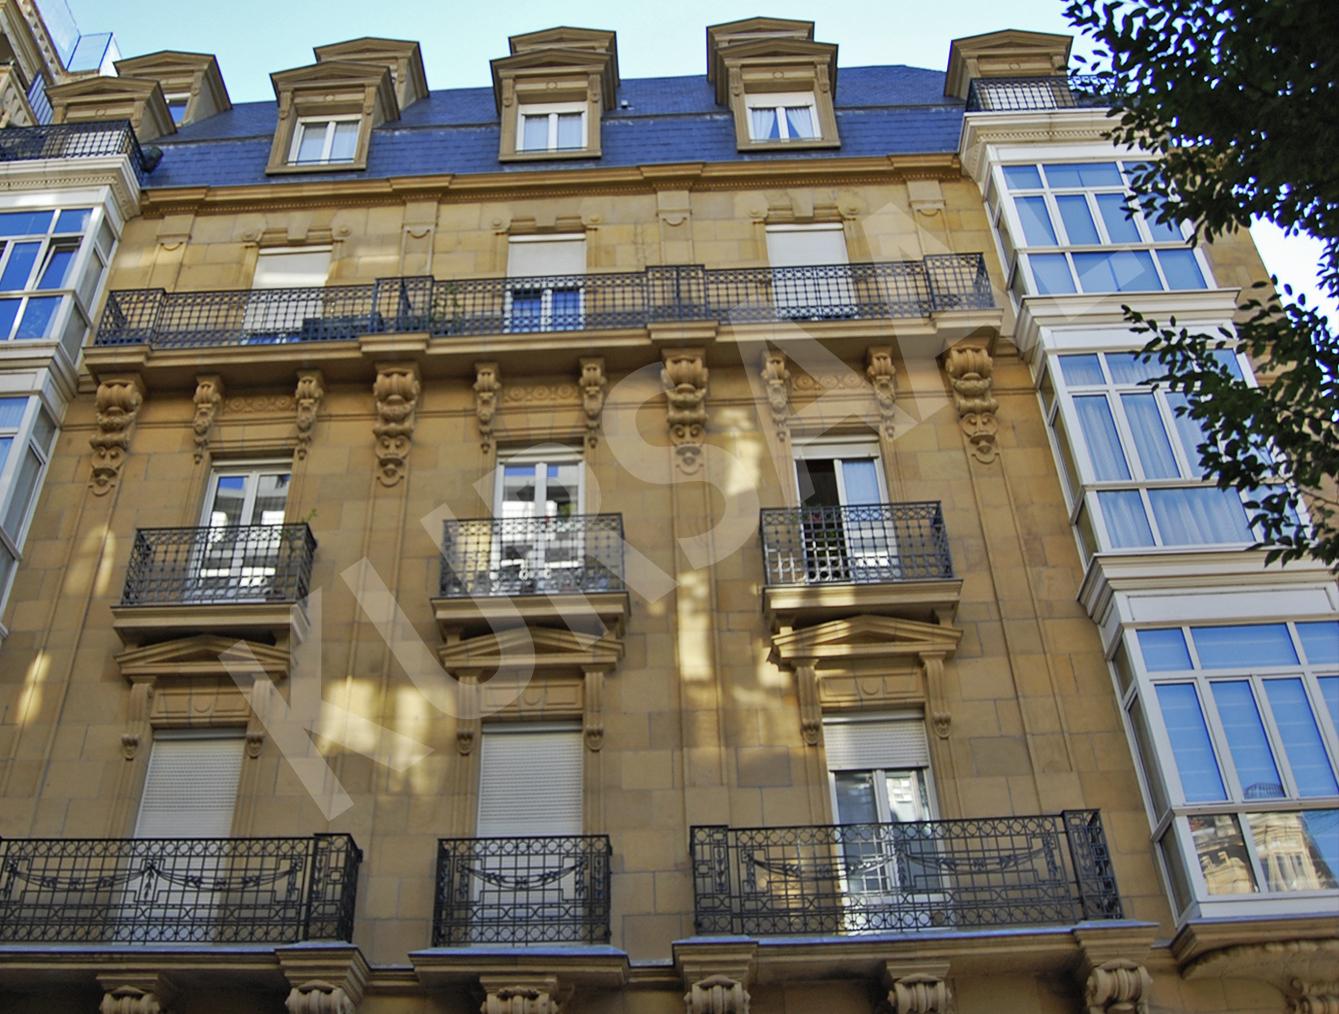 foto 4 - Restauración y patrimonio-Prim, 39-DONOSTIA, GIPUZKOA